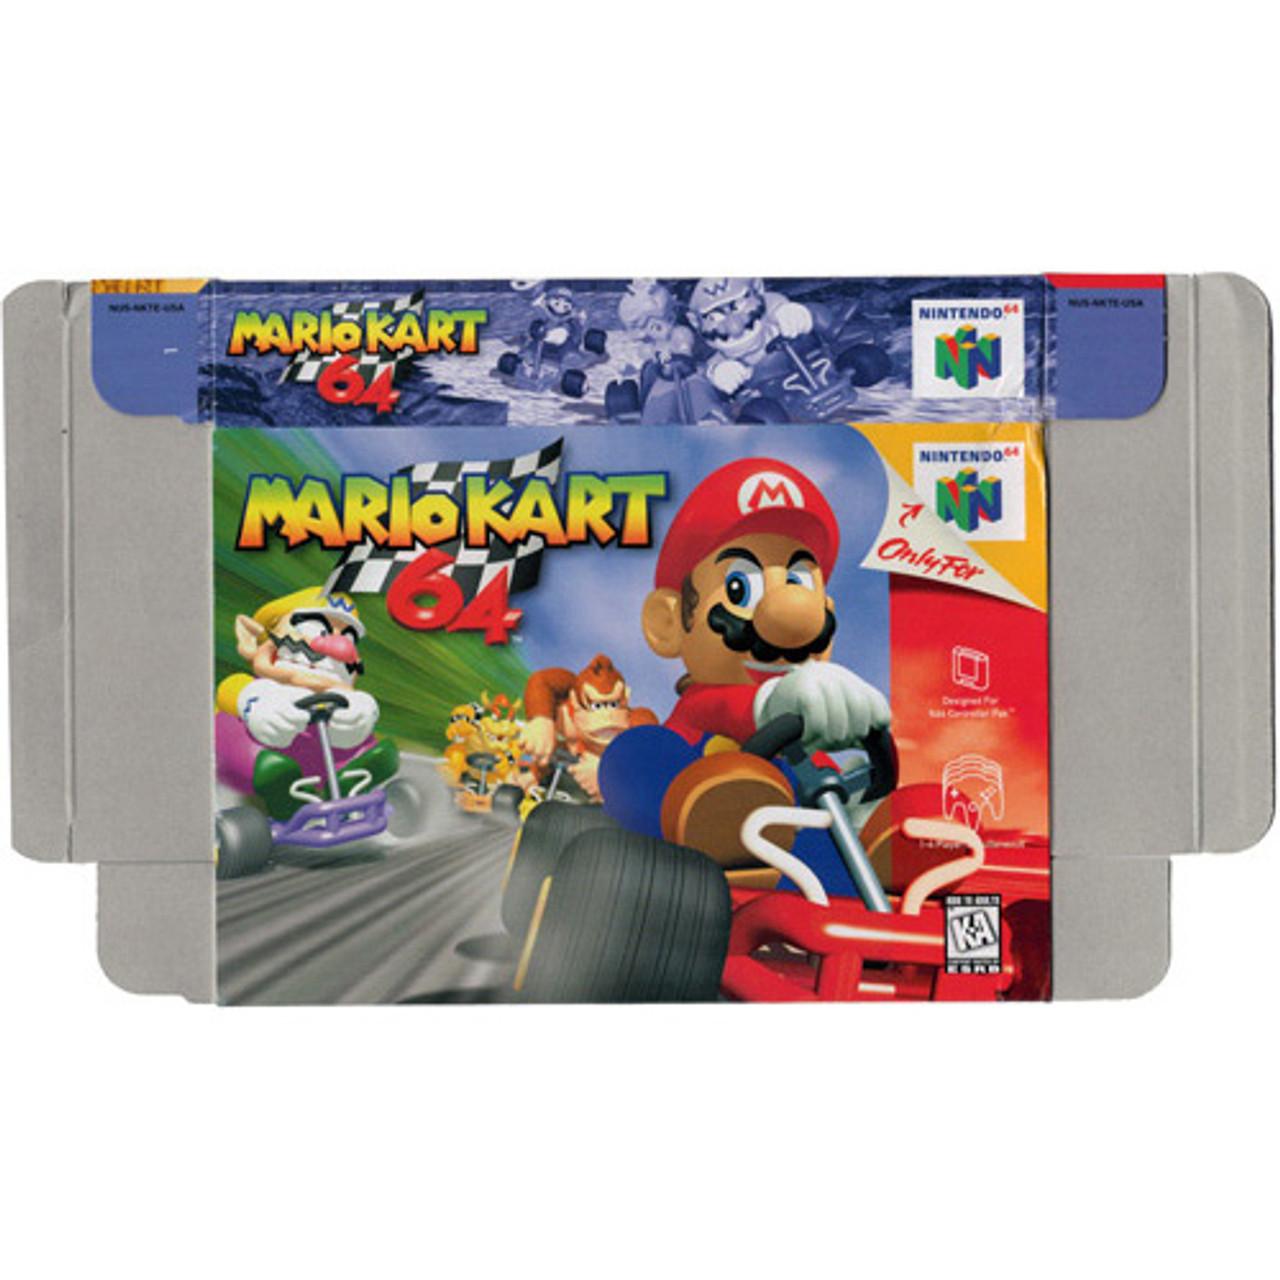 Mario Kart 64 Nintendo 64 N64 Box For Sale Dkoldies